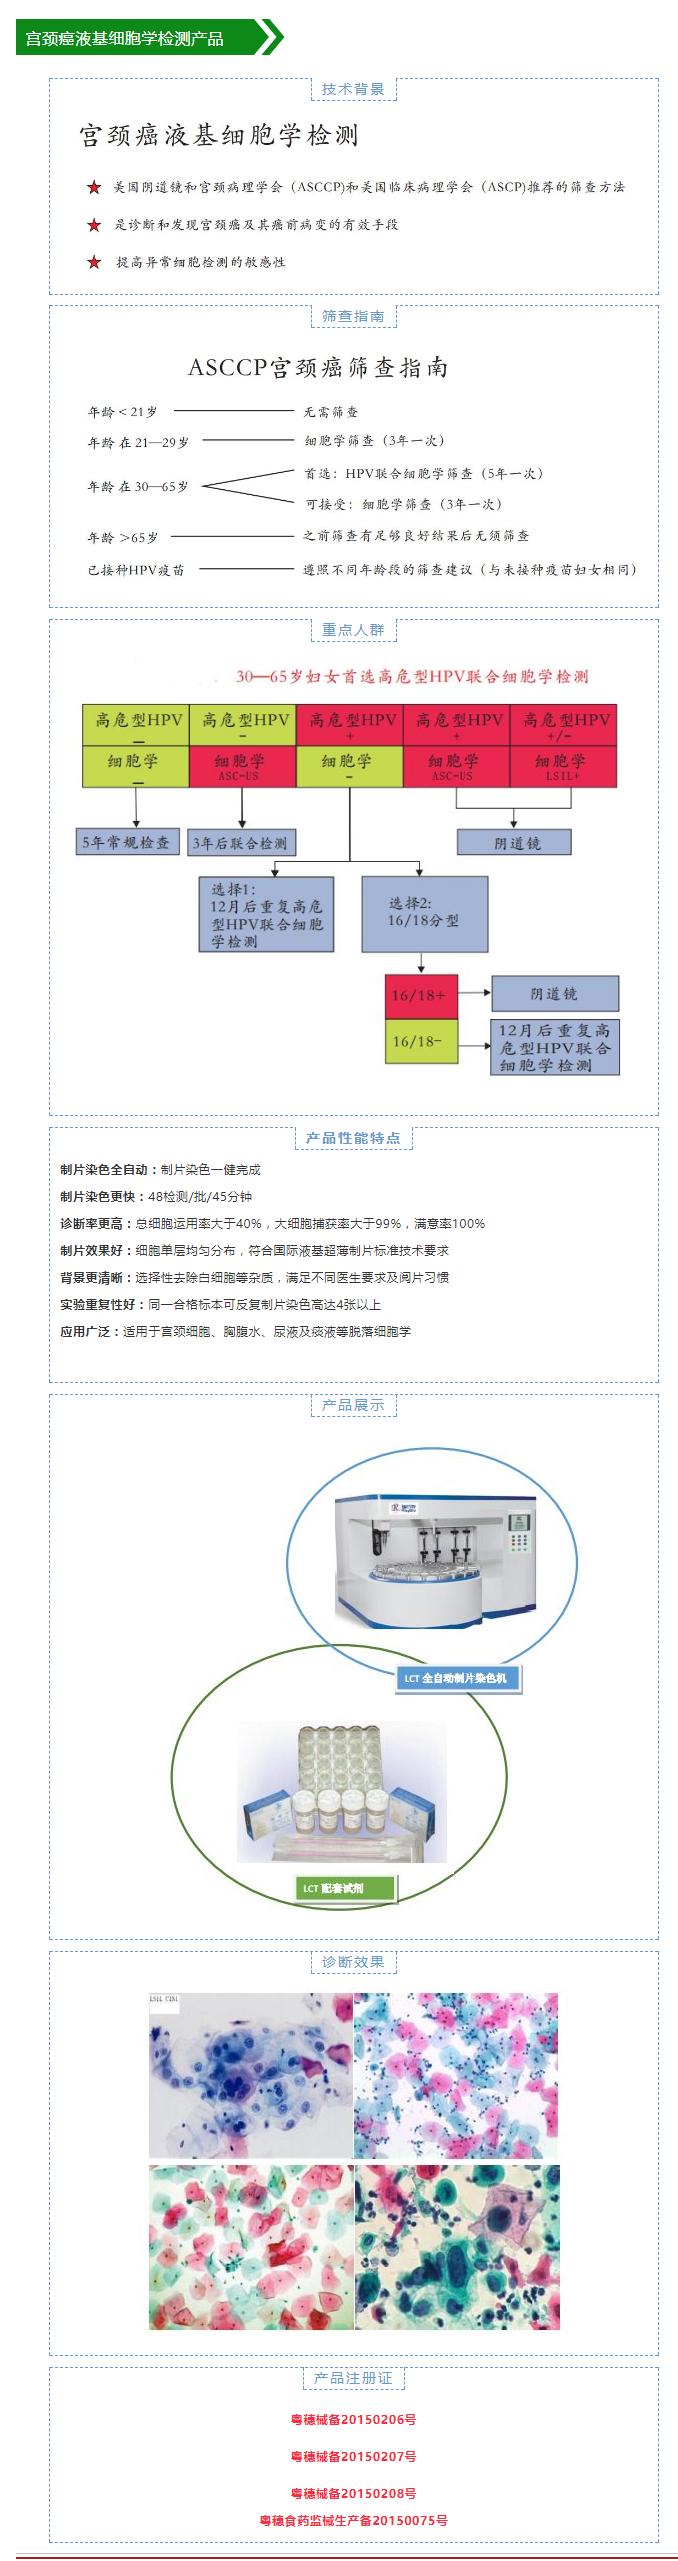 液基细胞学检测试剂